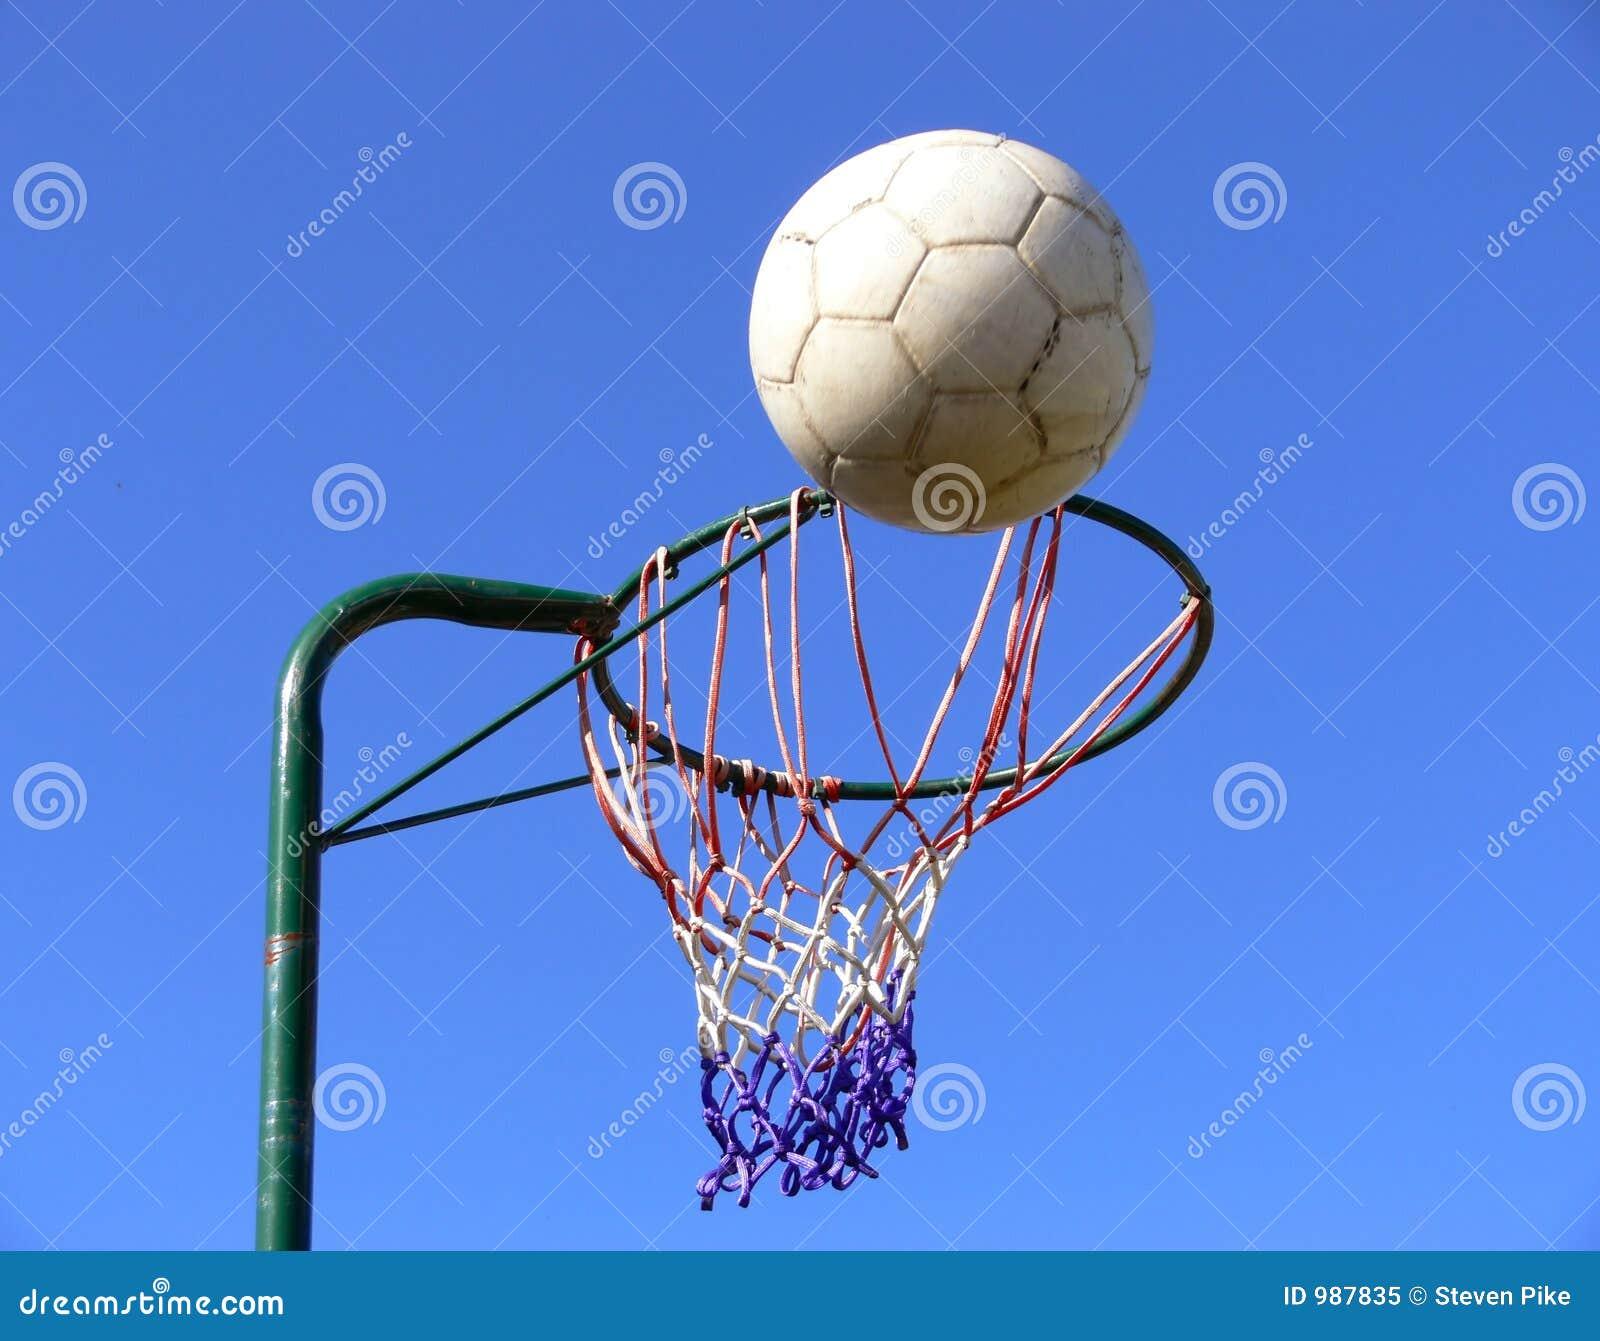 Netball basket and ball stock image. Image of shooting ...